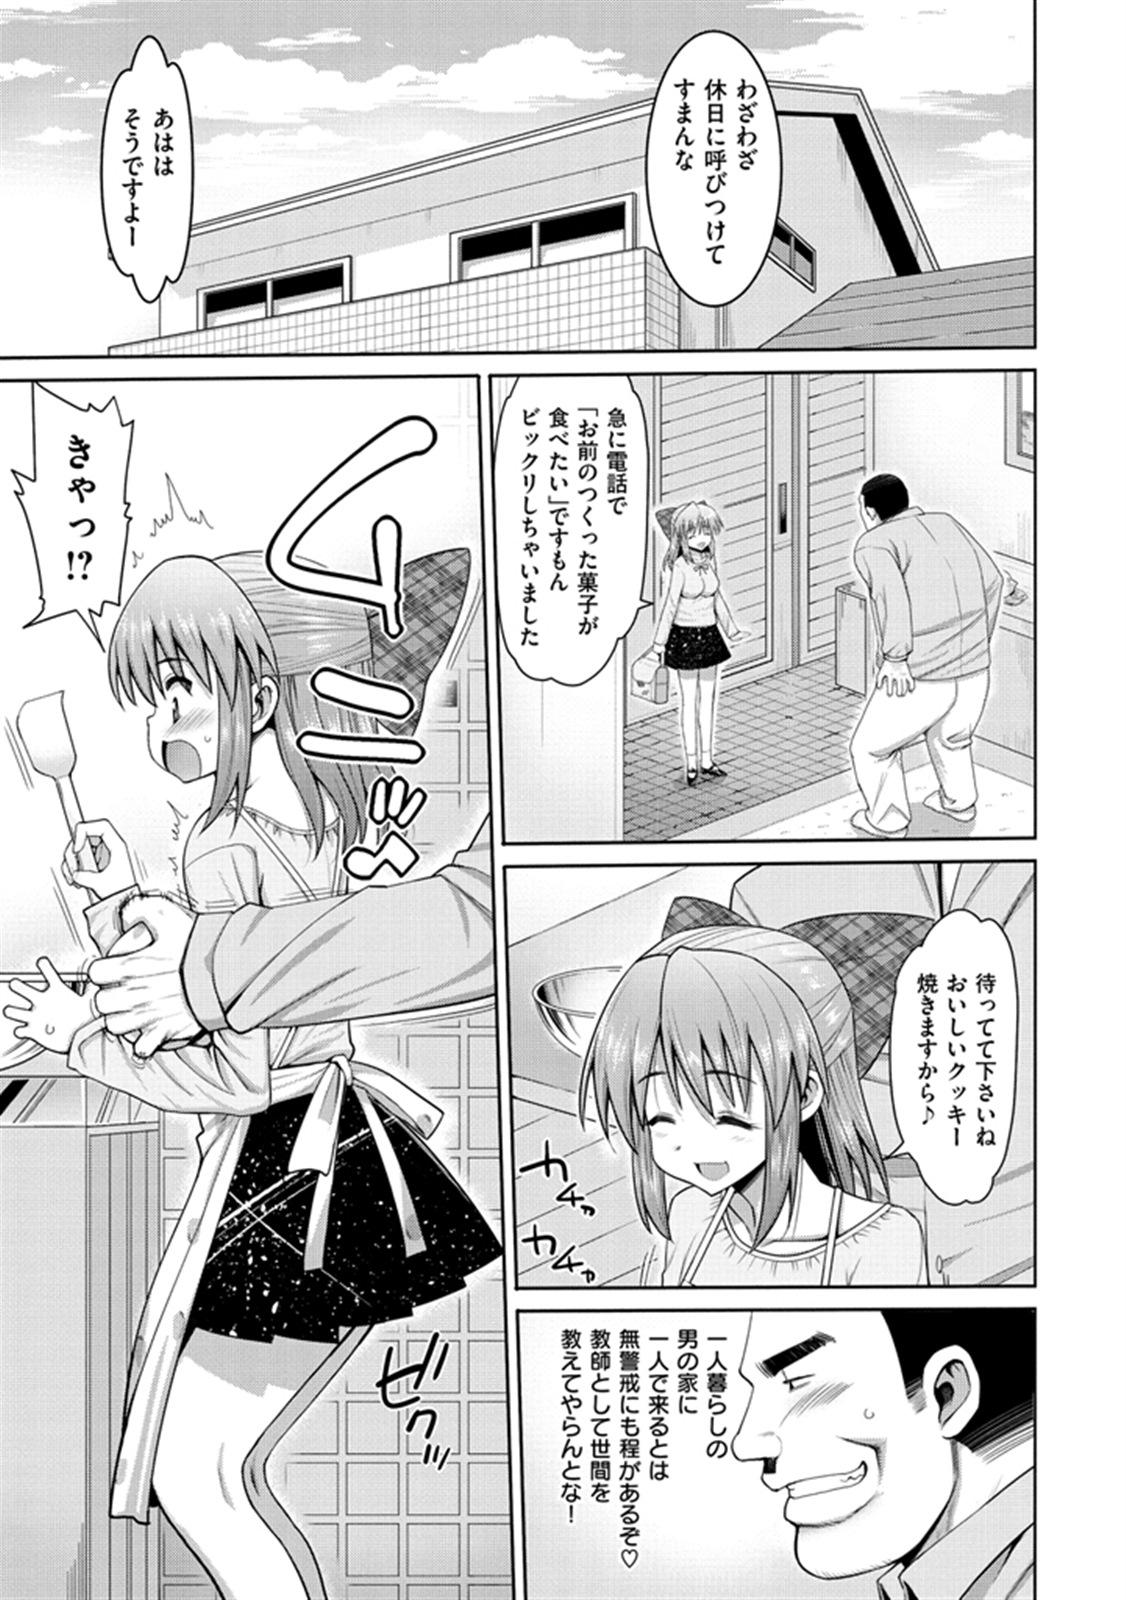 【エロ漫画】チョロすぎる教え子を自宅に招き犯してしまうクズ教師www